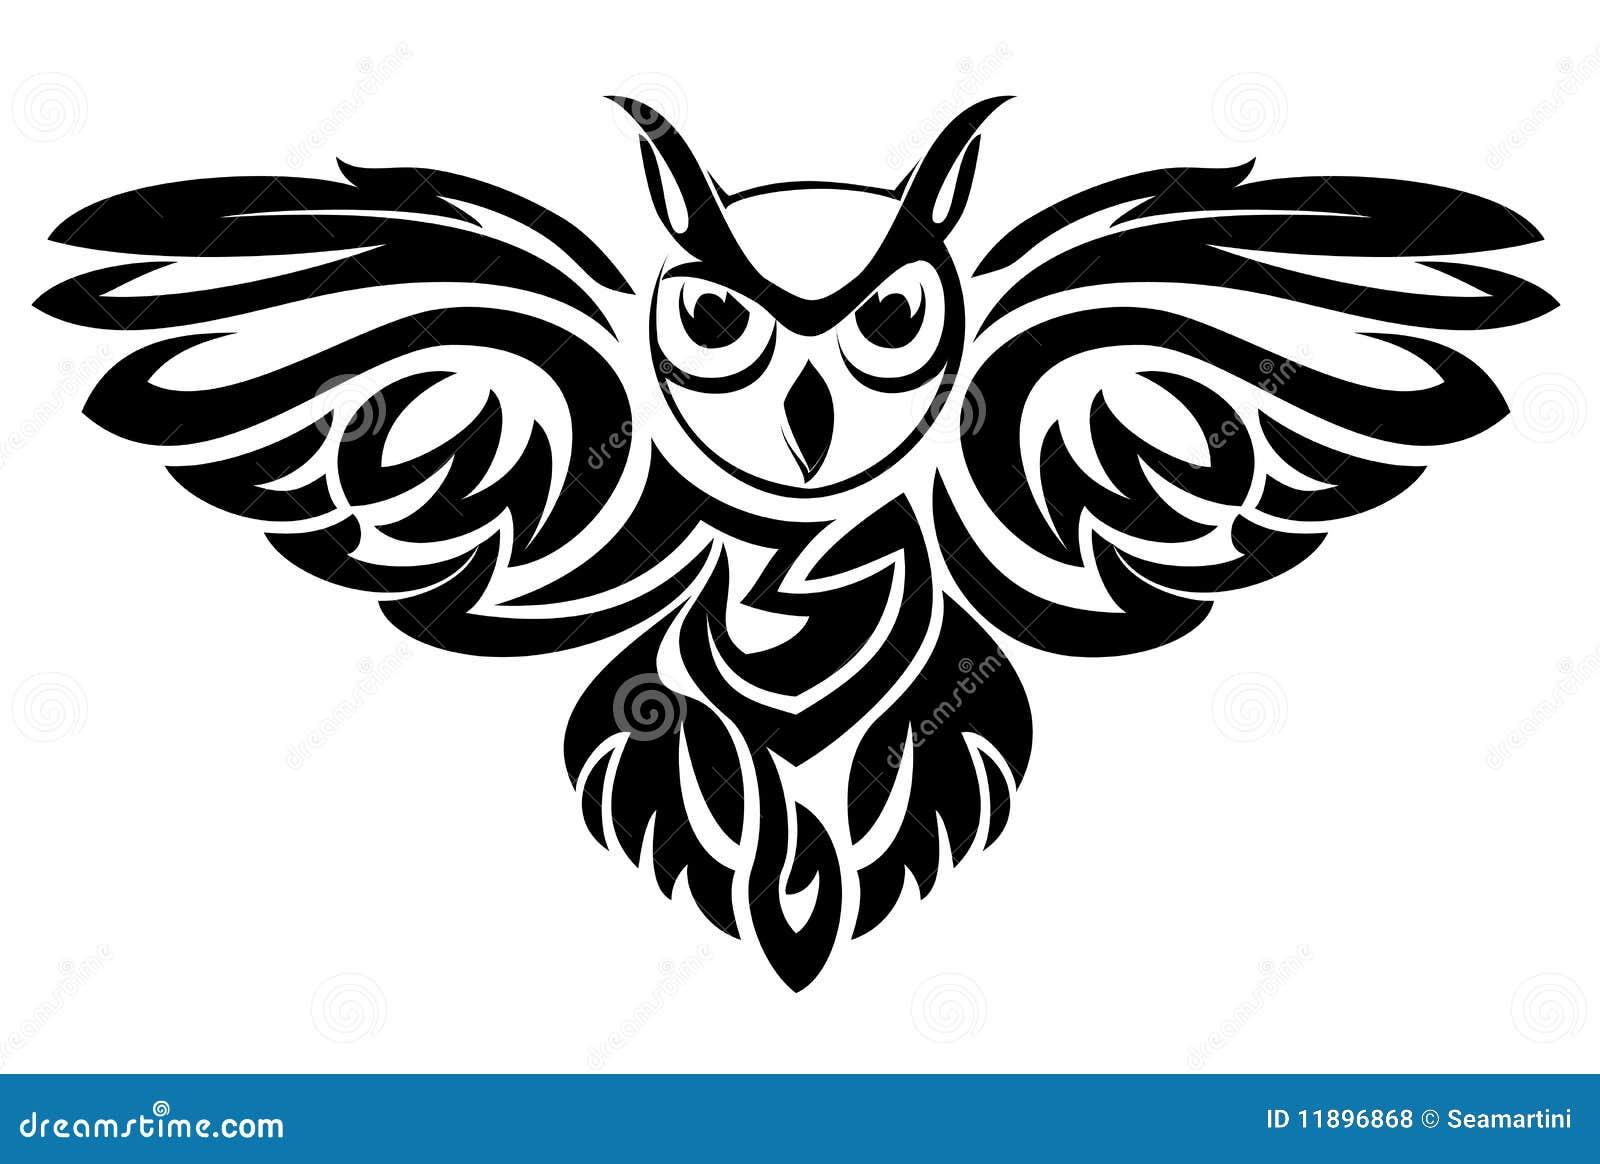 Greek Symbols Of Wisdom Greek Symbol Of Wisdom Pixshark